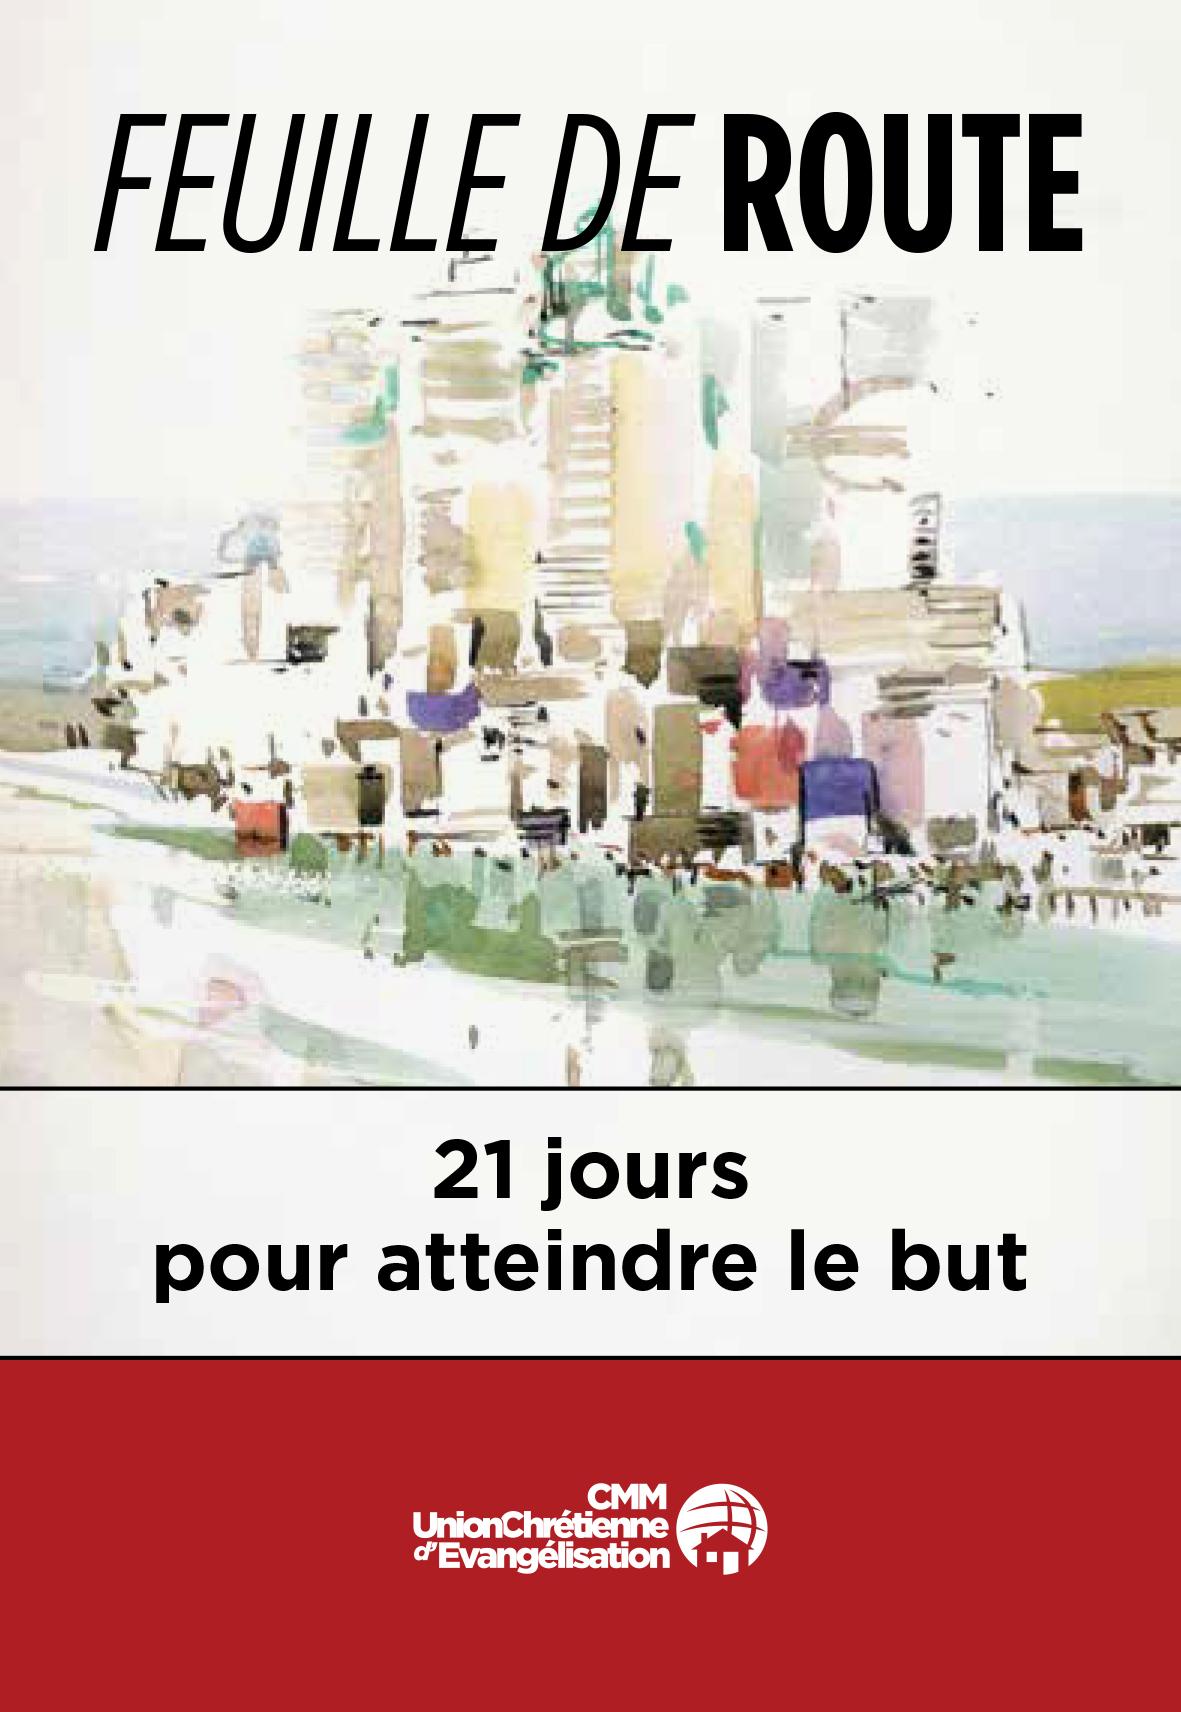 Feuille_de_route_21_jours-1